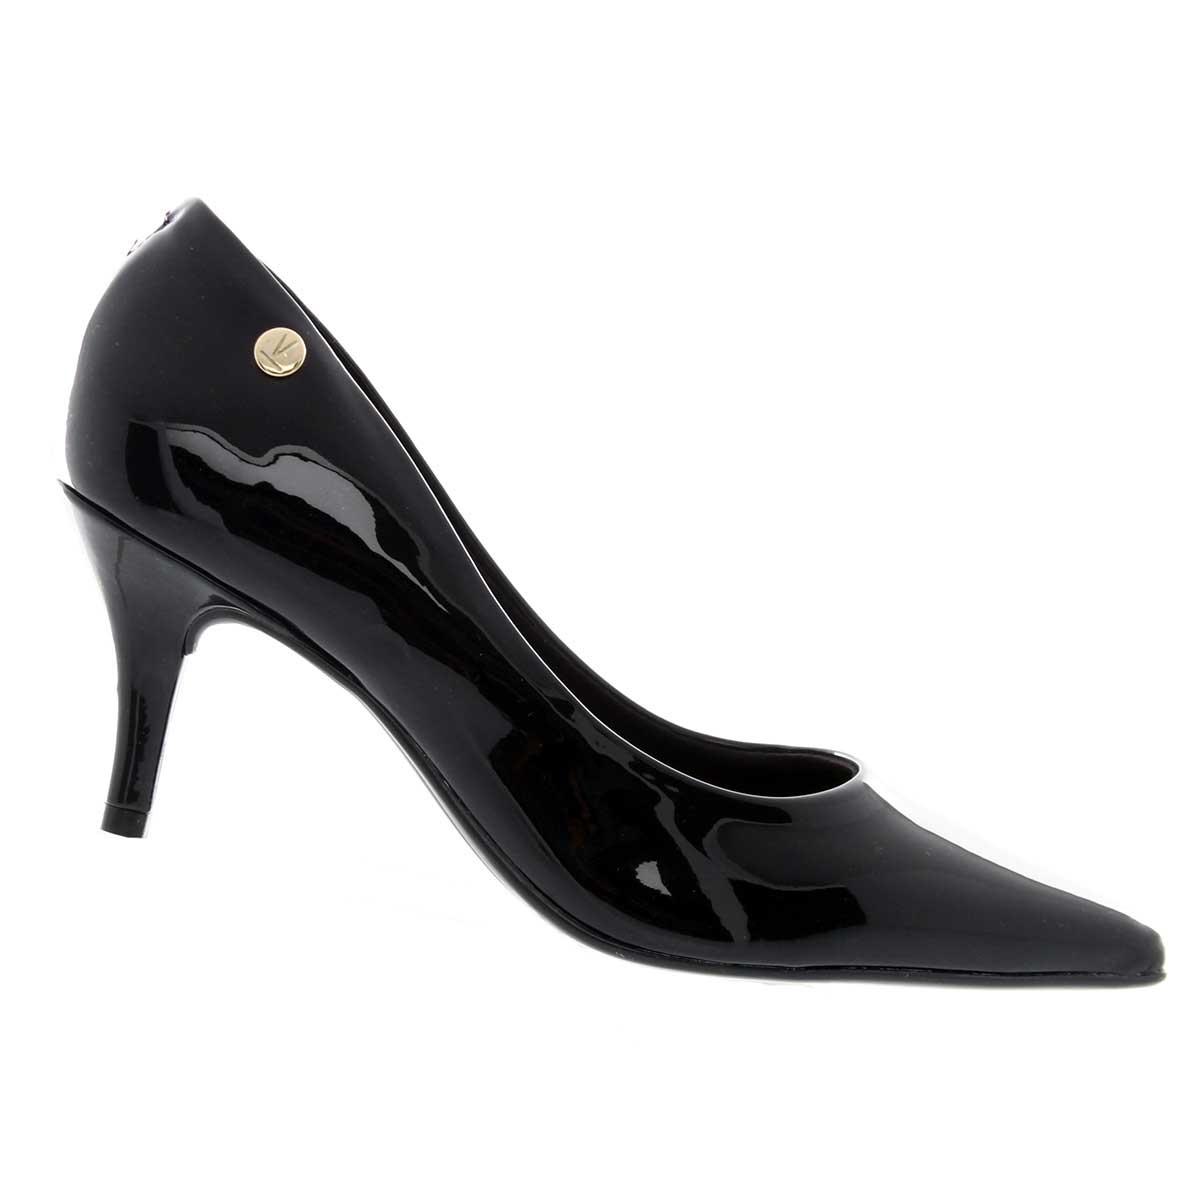 Sapato Scarpin Vizzano Verniz Fem Macio Lindo 1185102  - Ian Calçados